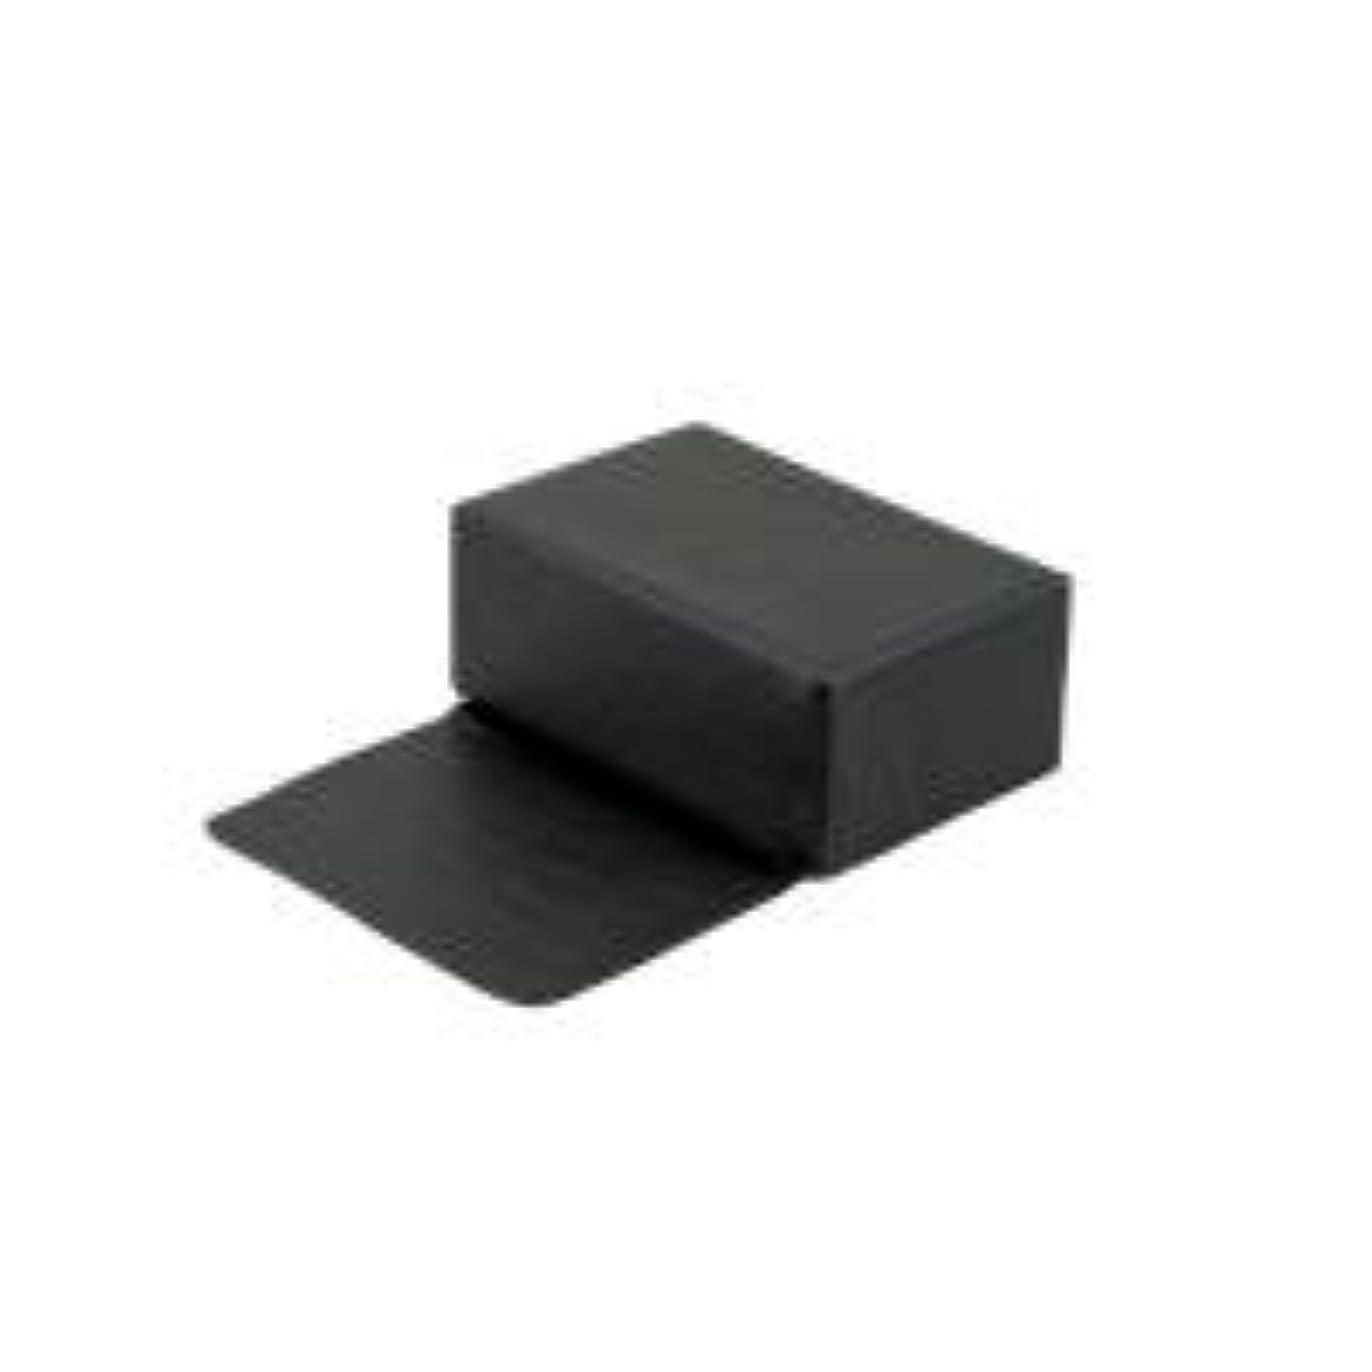 純度アマチュア署名子供補助イス(マット付き) ブラック65140